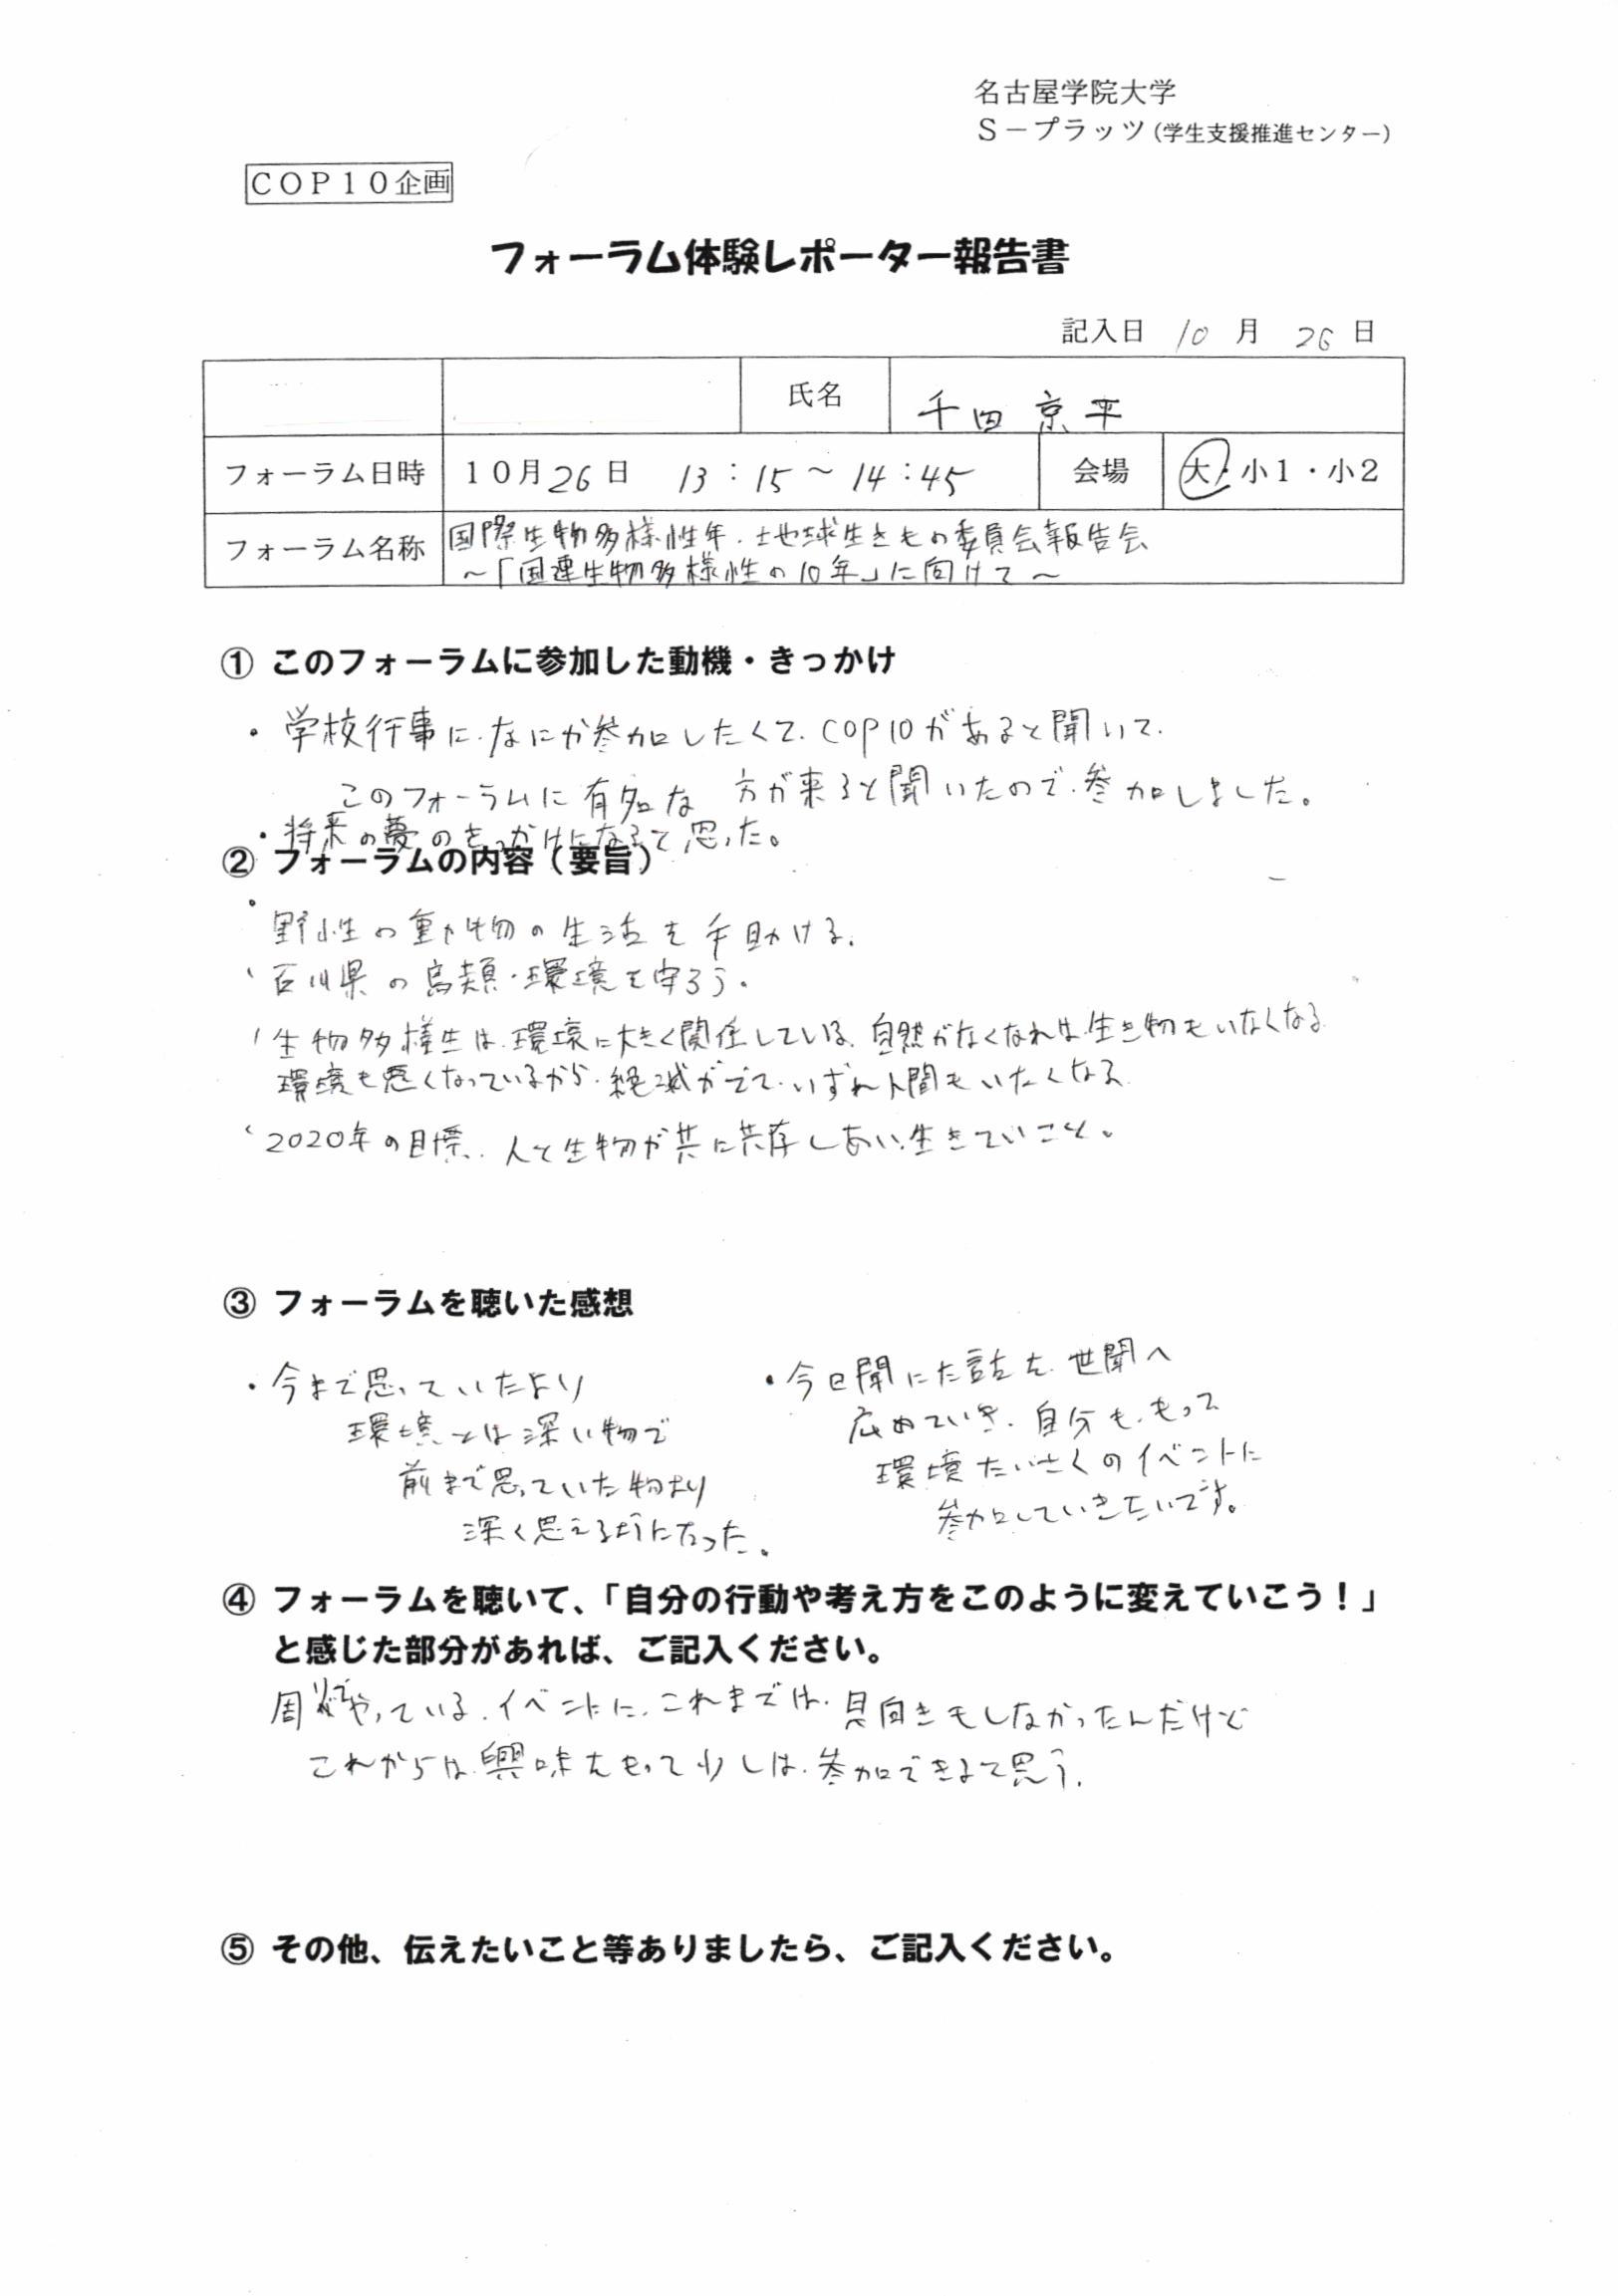 フォーラム体験レポーター報告千田